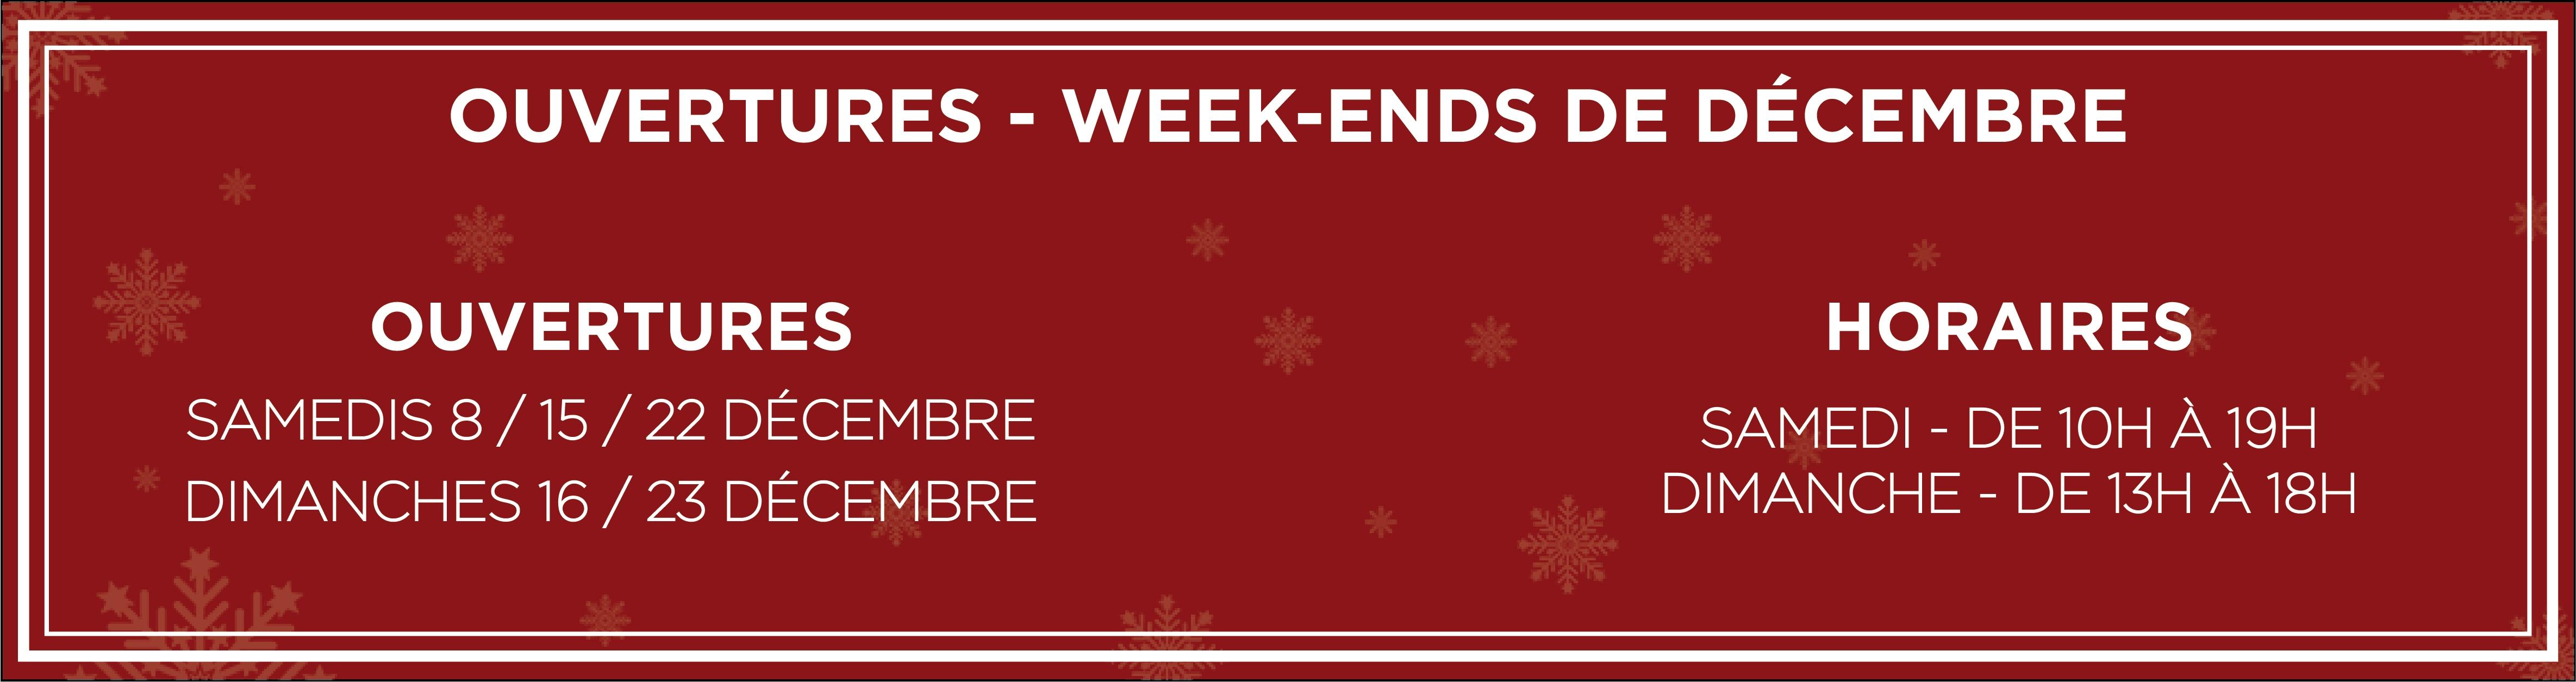 Ouvertures les week-ends de Décembre - Atelier du Quai